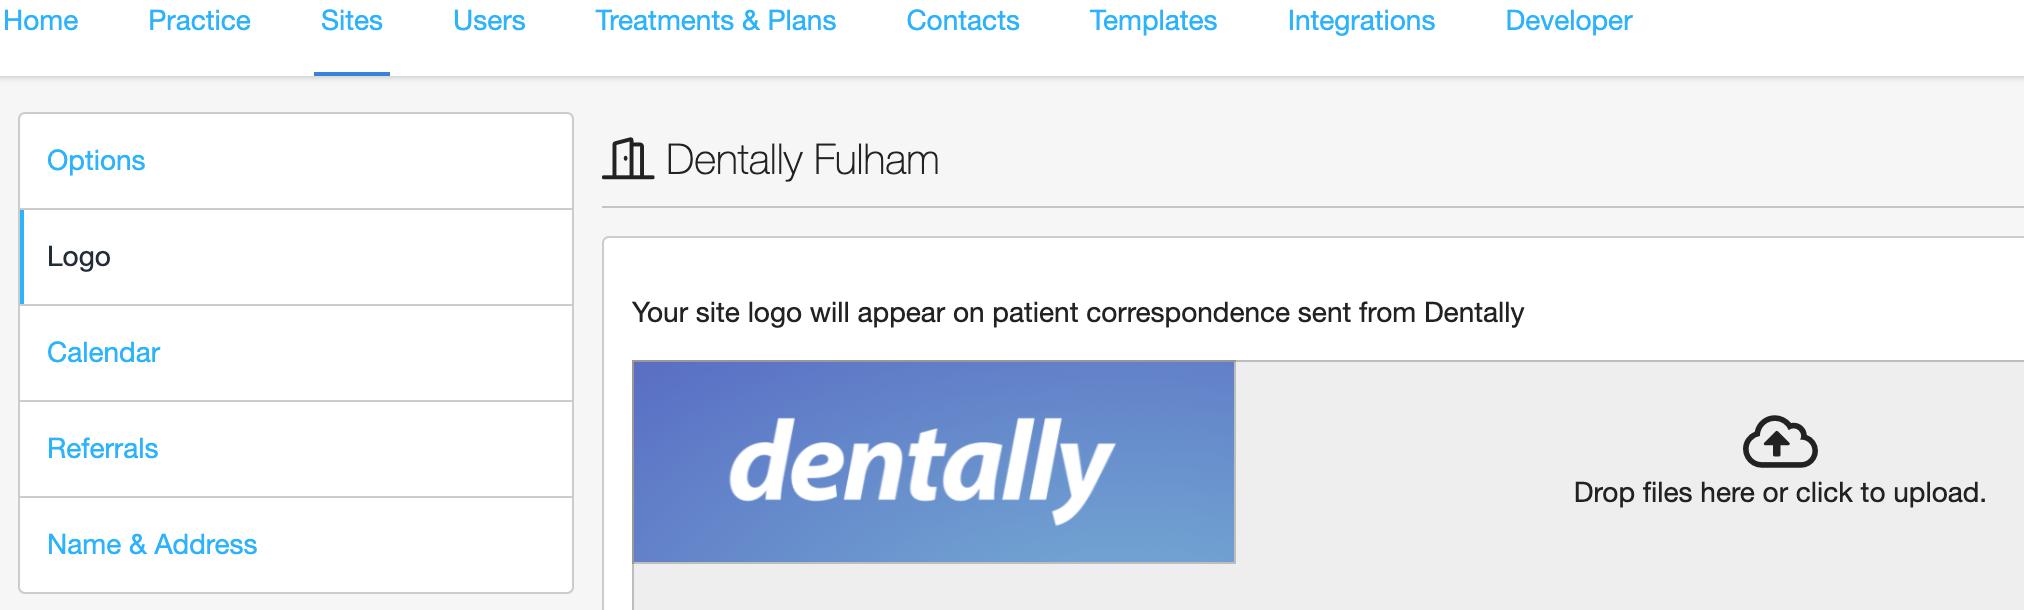 Dentally Site Details Logo